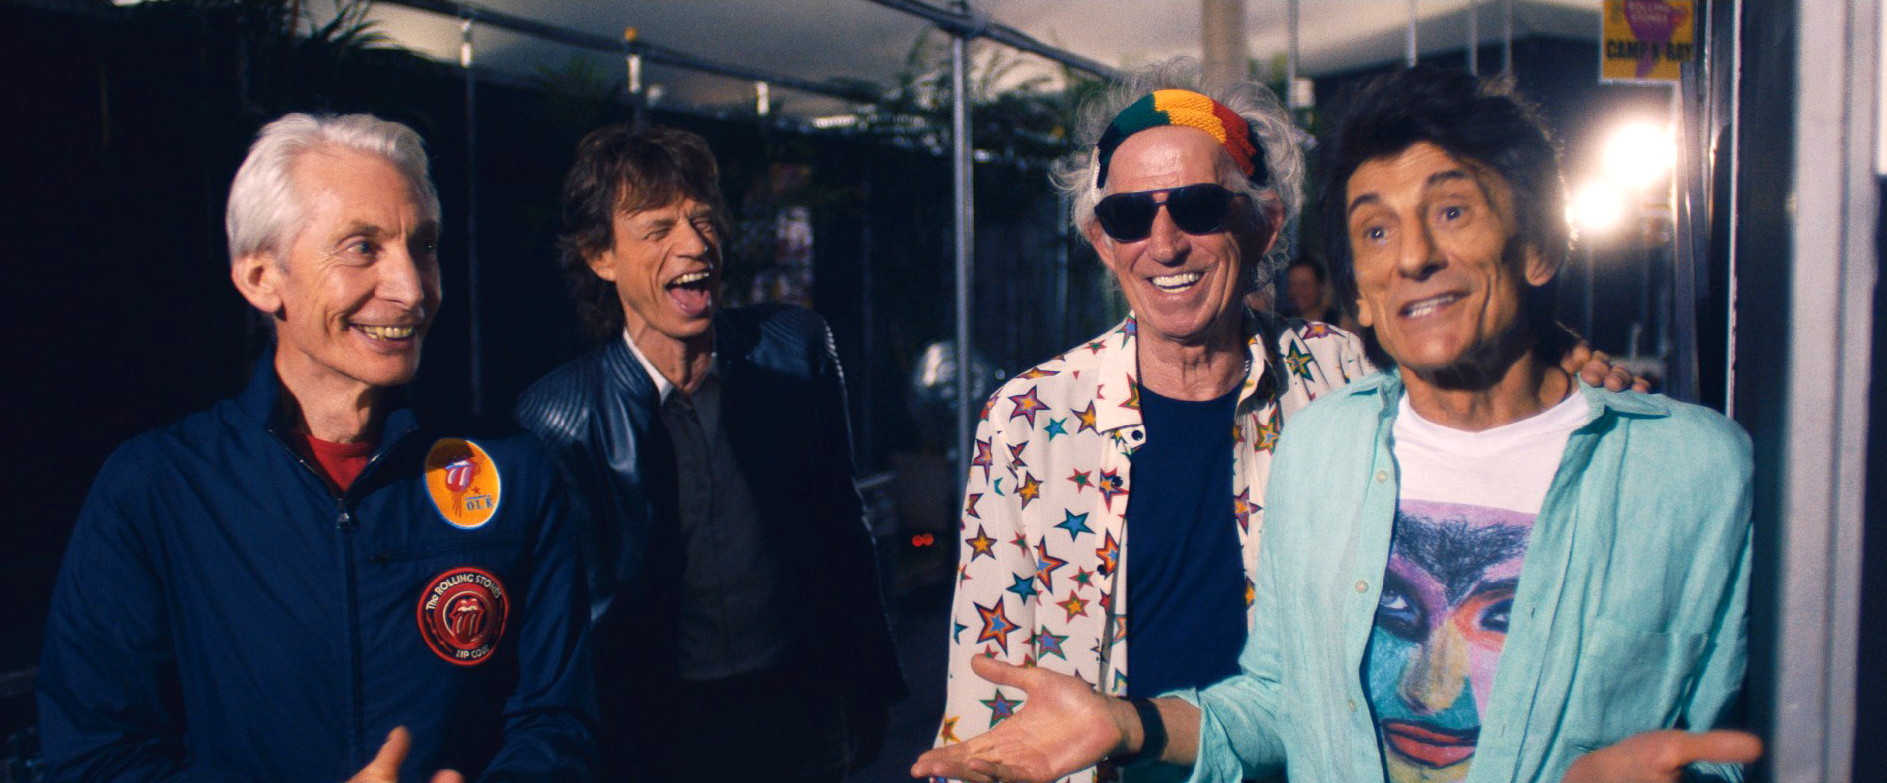 «Οι Rolling Stones ολέ ολέ ολέ!: Ταξιδεύοντας στη Λατινική Αμερική» του Πολ Ντάγκντεϊλ